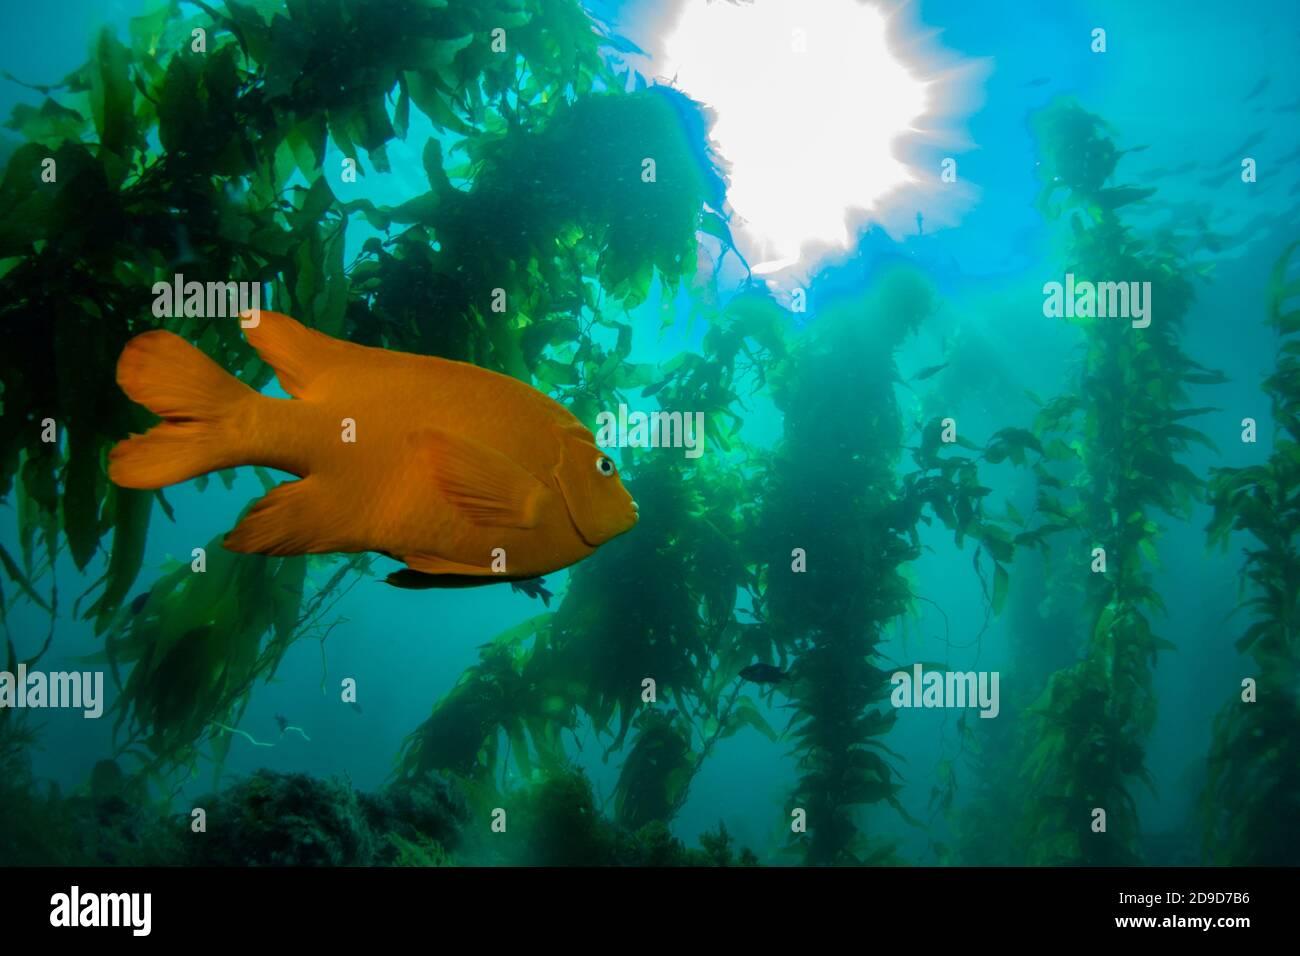 Garibaldi, Hypsypops rubicundus, el pez marino del estado de California, buceo EN Catalina Island, California, EE.UU Foto de stock